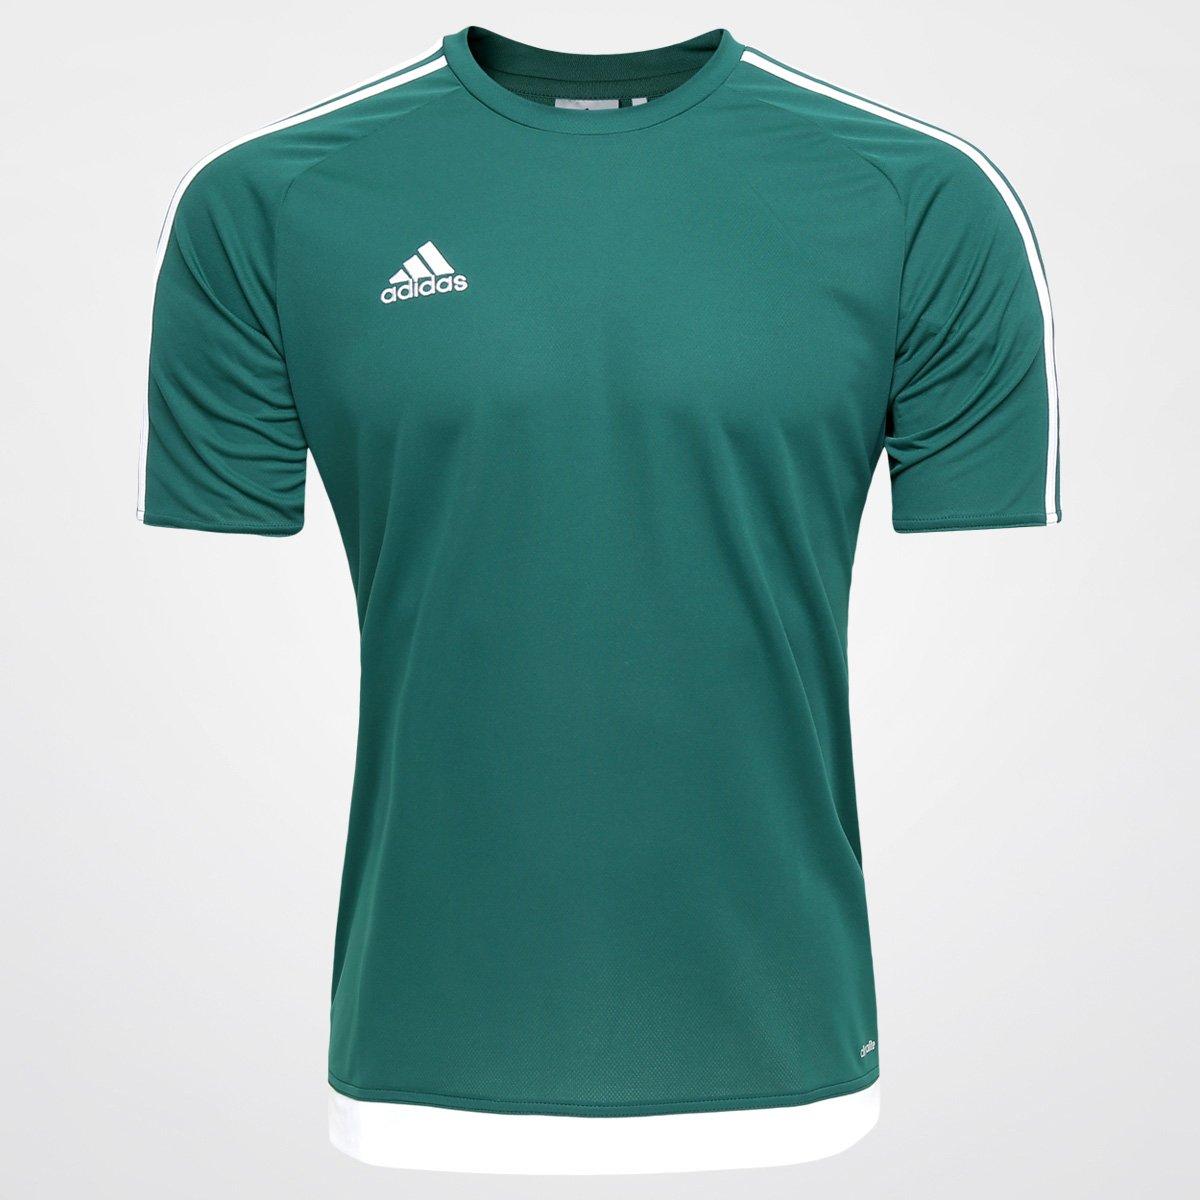 6c0a6bcc312 Camisa Adidas Estro 15 Masculina - Verde e Branco - Compre Agora ...